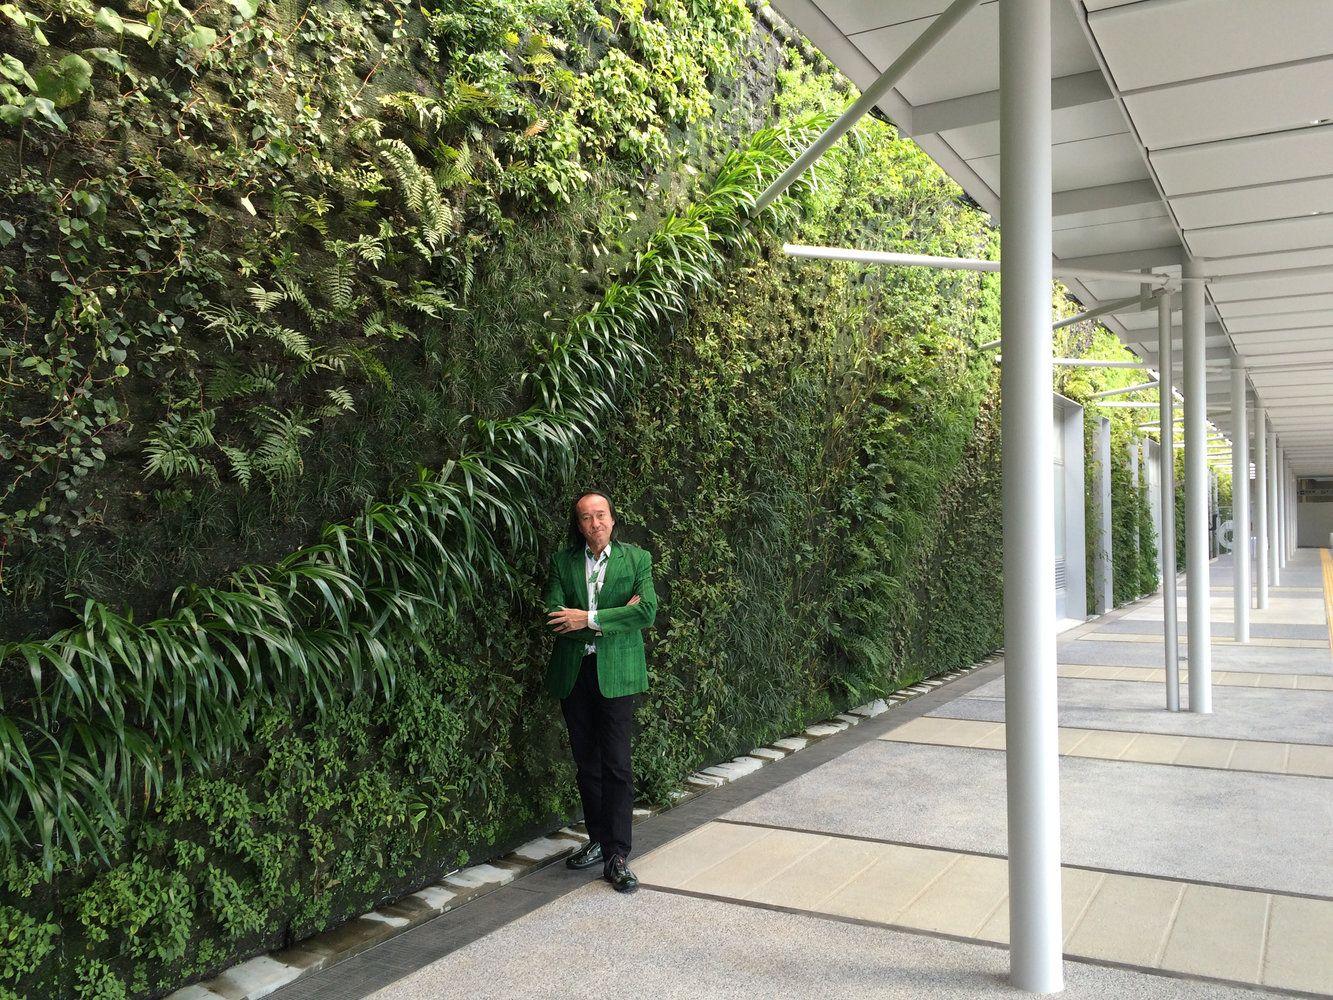 Não se pode falar em jardim vertical sem citar Patrick Blanc, considerado o pai da parede verde. Blanc é um respeitadíssimo botânico e paisagista que ganhou fa